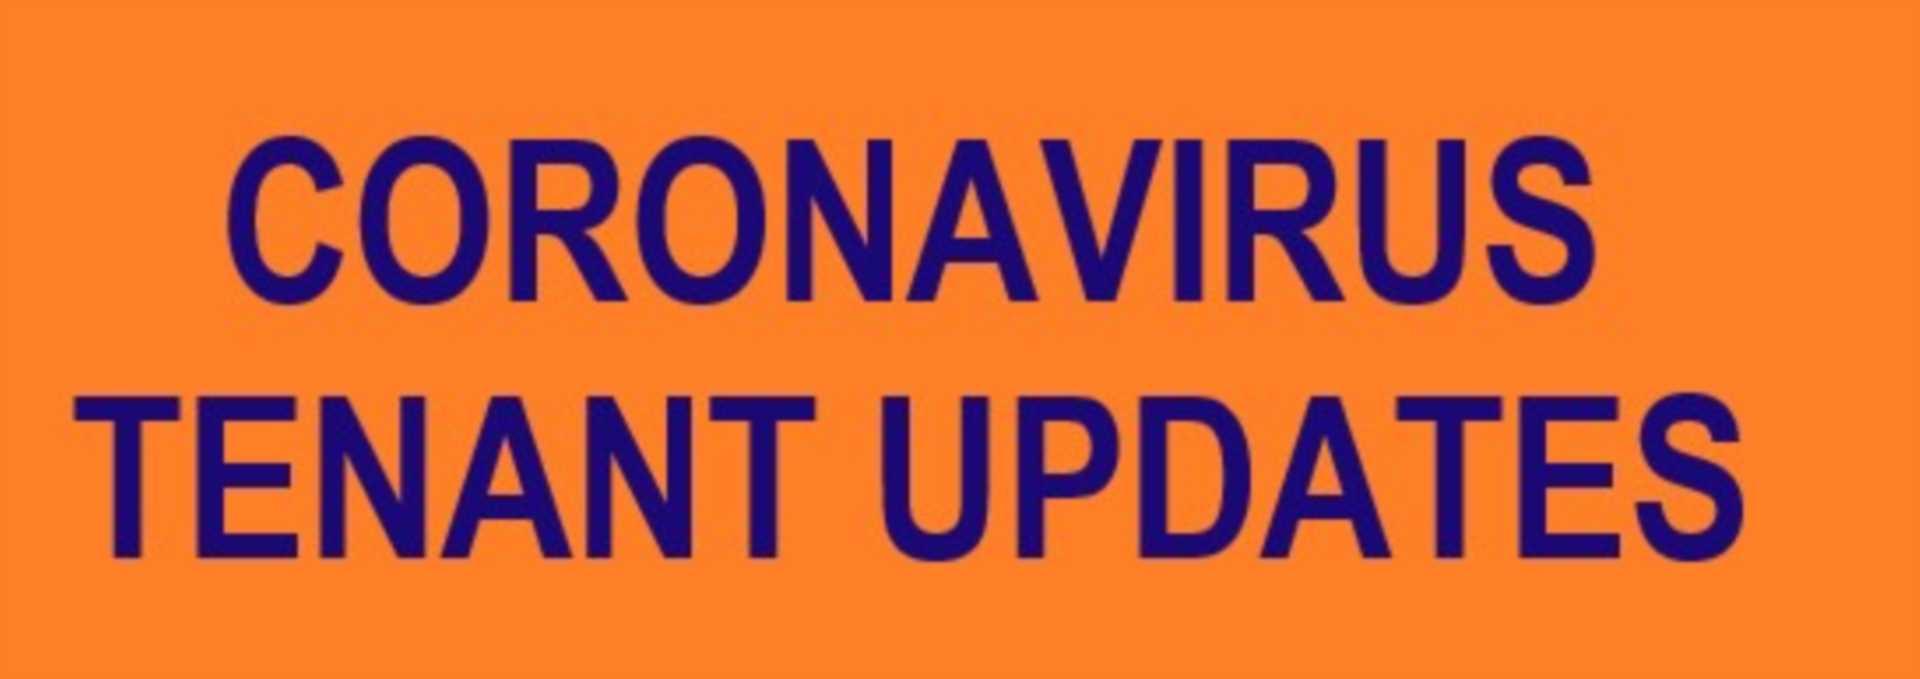 Tenants Updates